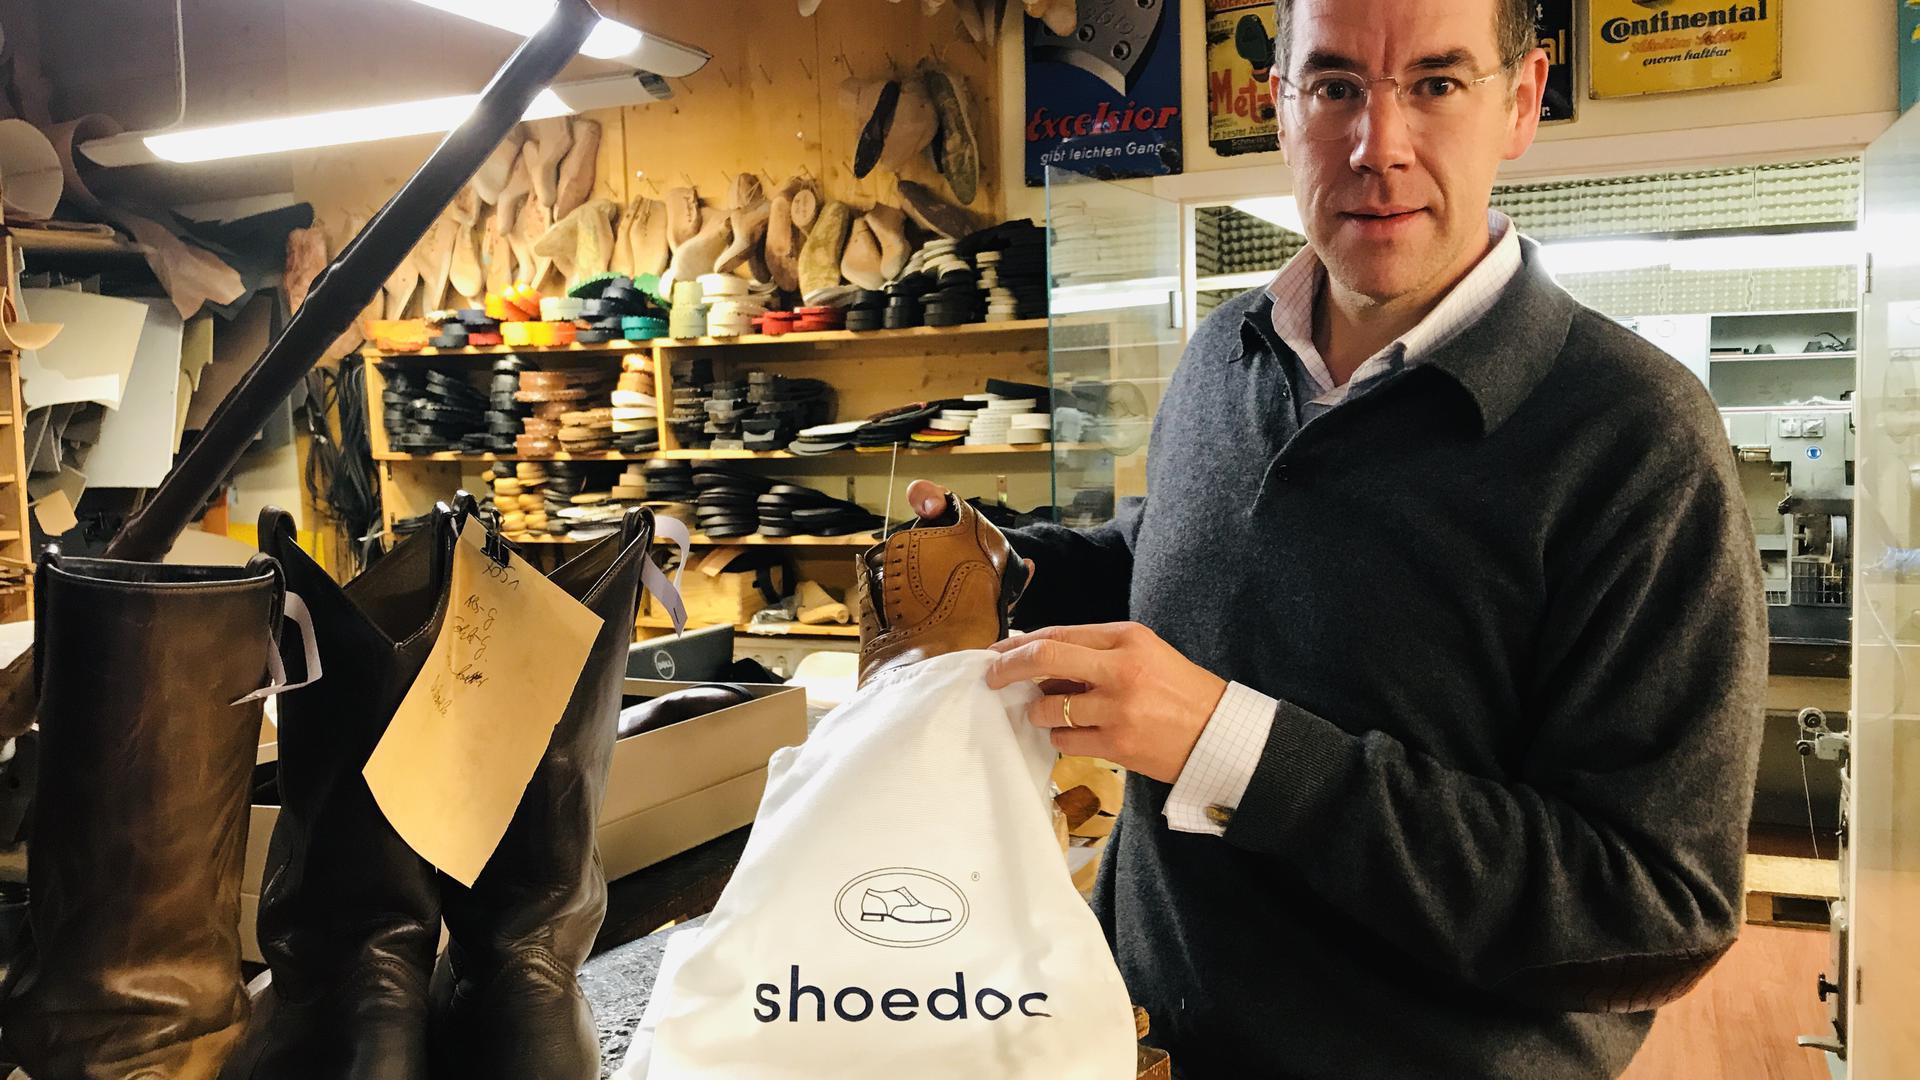 Ein Mann steht in einer Schuhwerkstatt und packt einen reparierten Herrenschuh in einen weißen Beutel